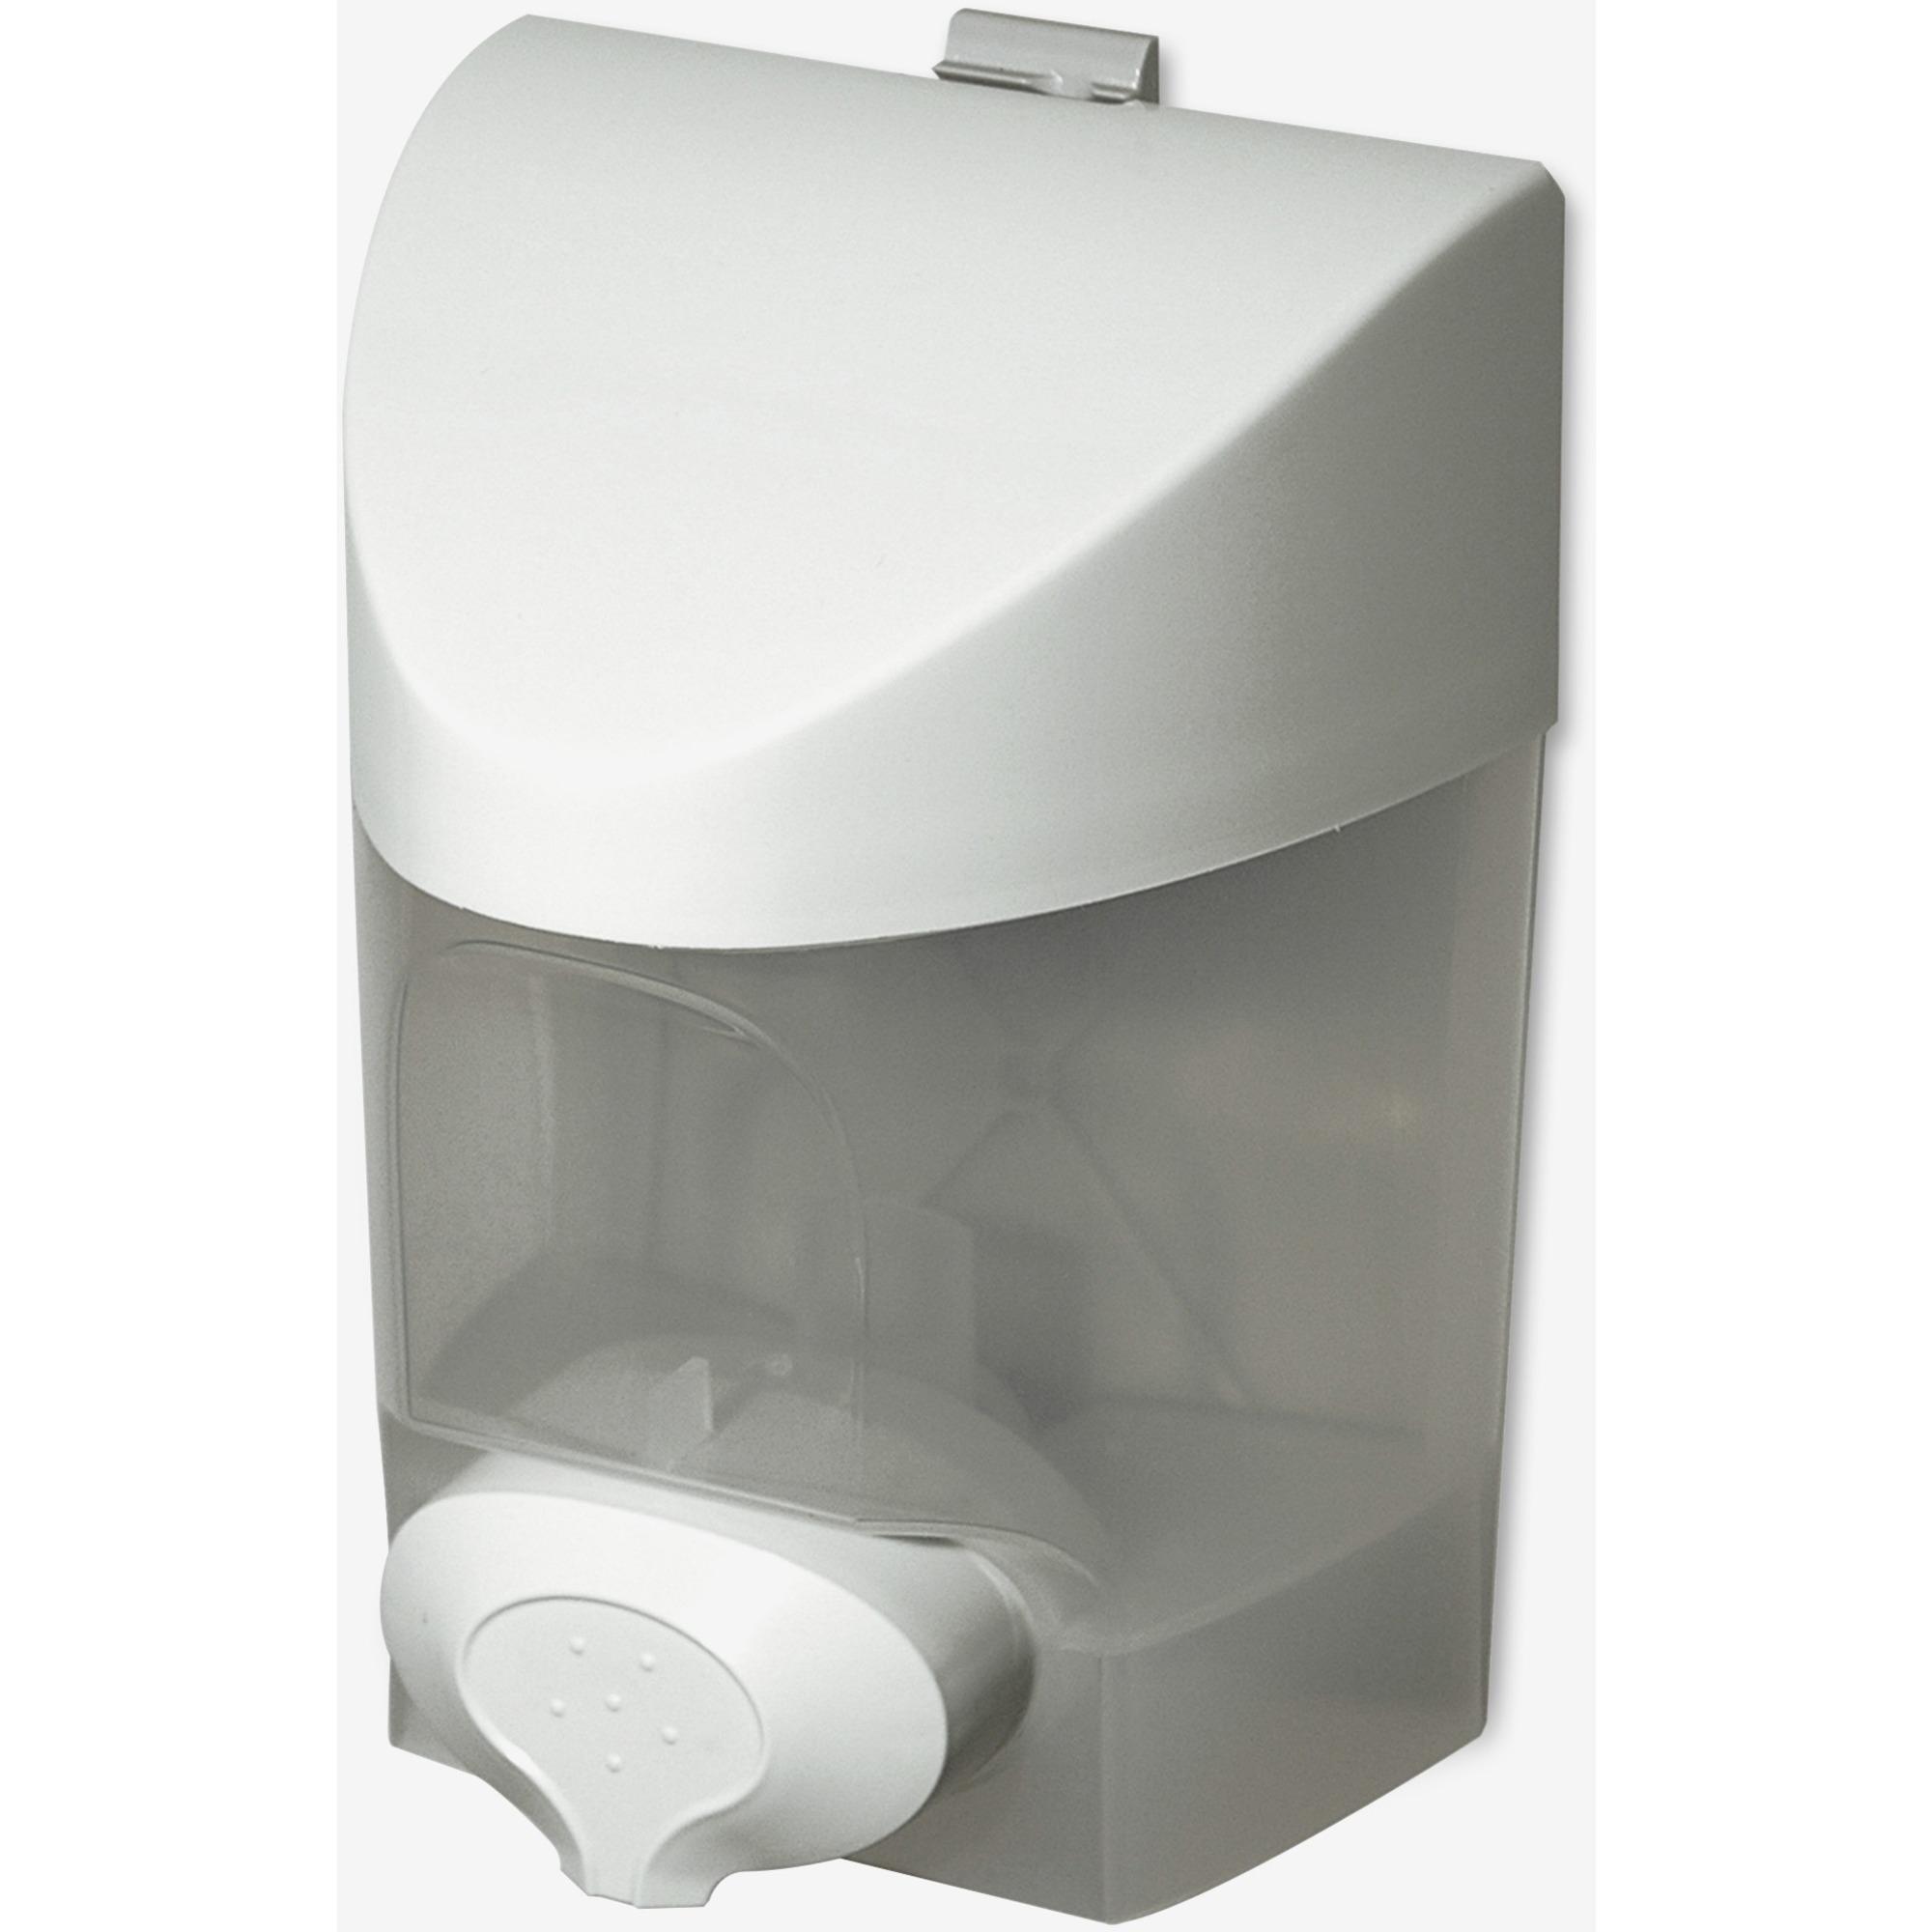 Dura Plus Push Button Soap Dispenser   Manual   887.21 ML Capacity   White    1Each